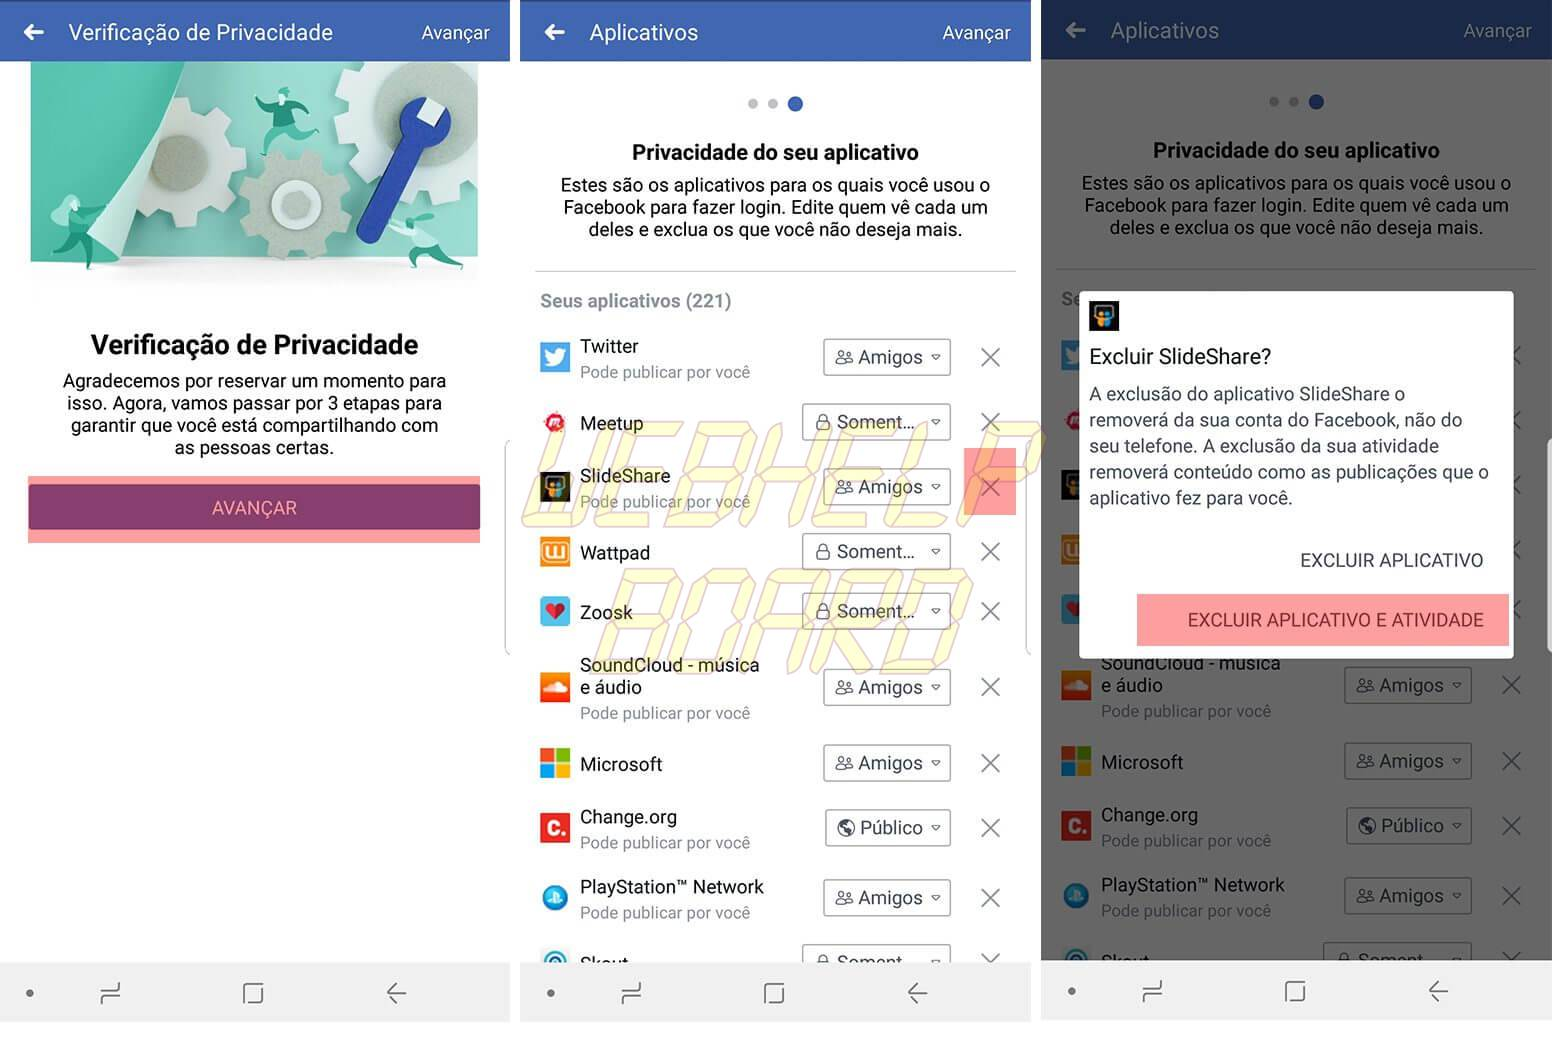 facebook 1 - Como garantir que o Facebook não distribua seus dados